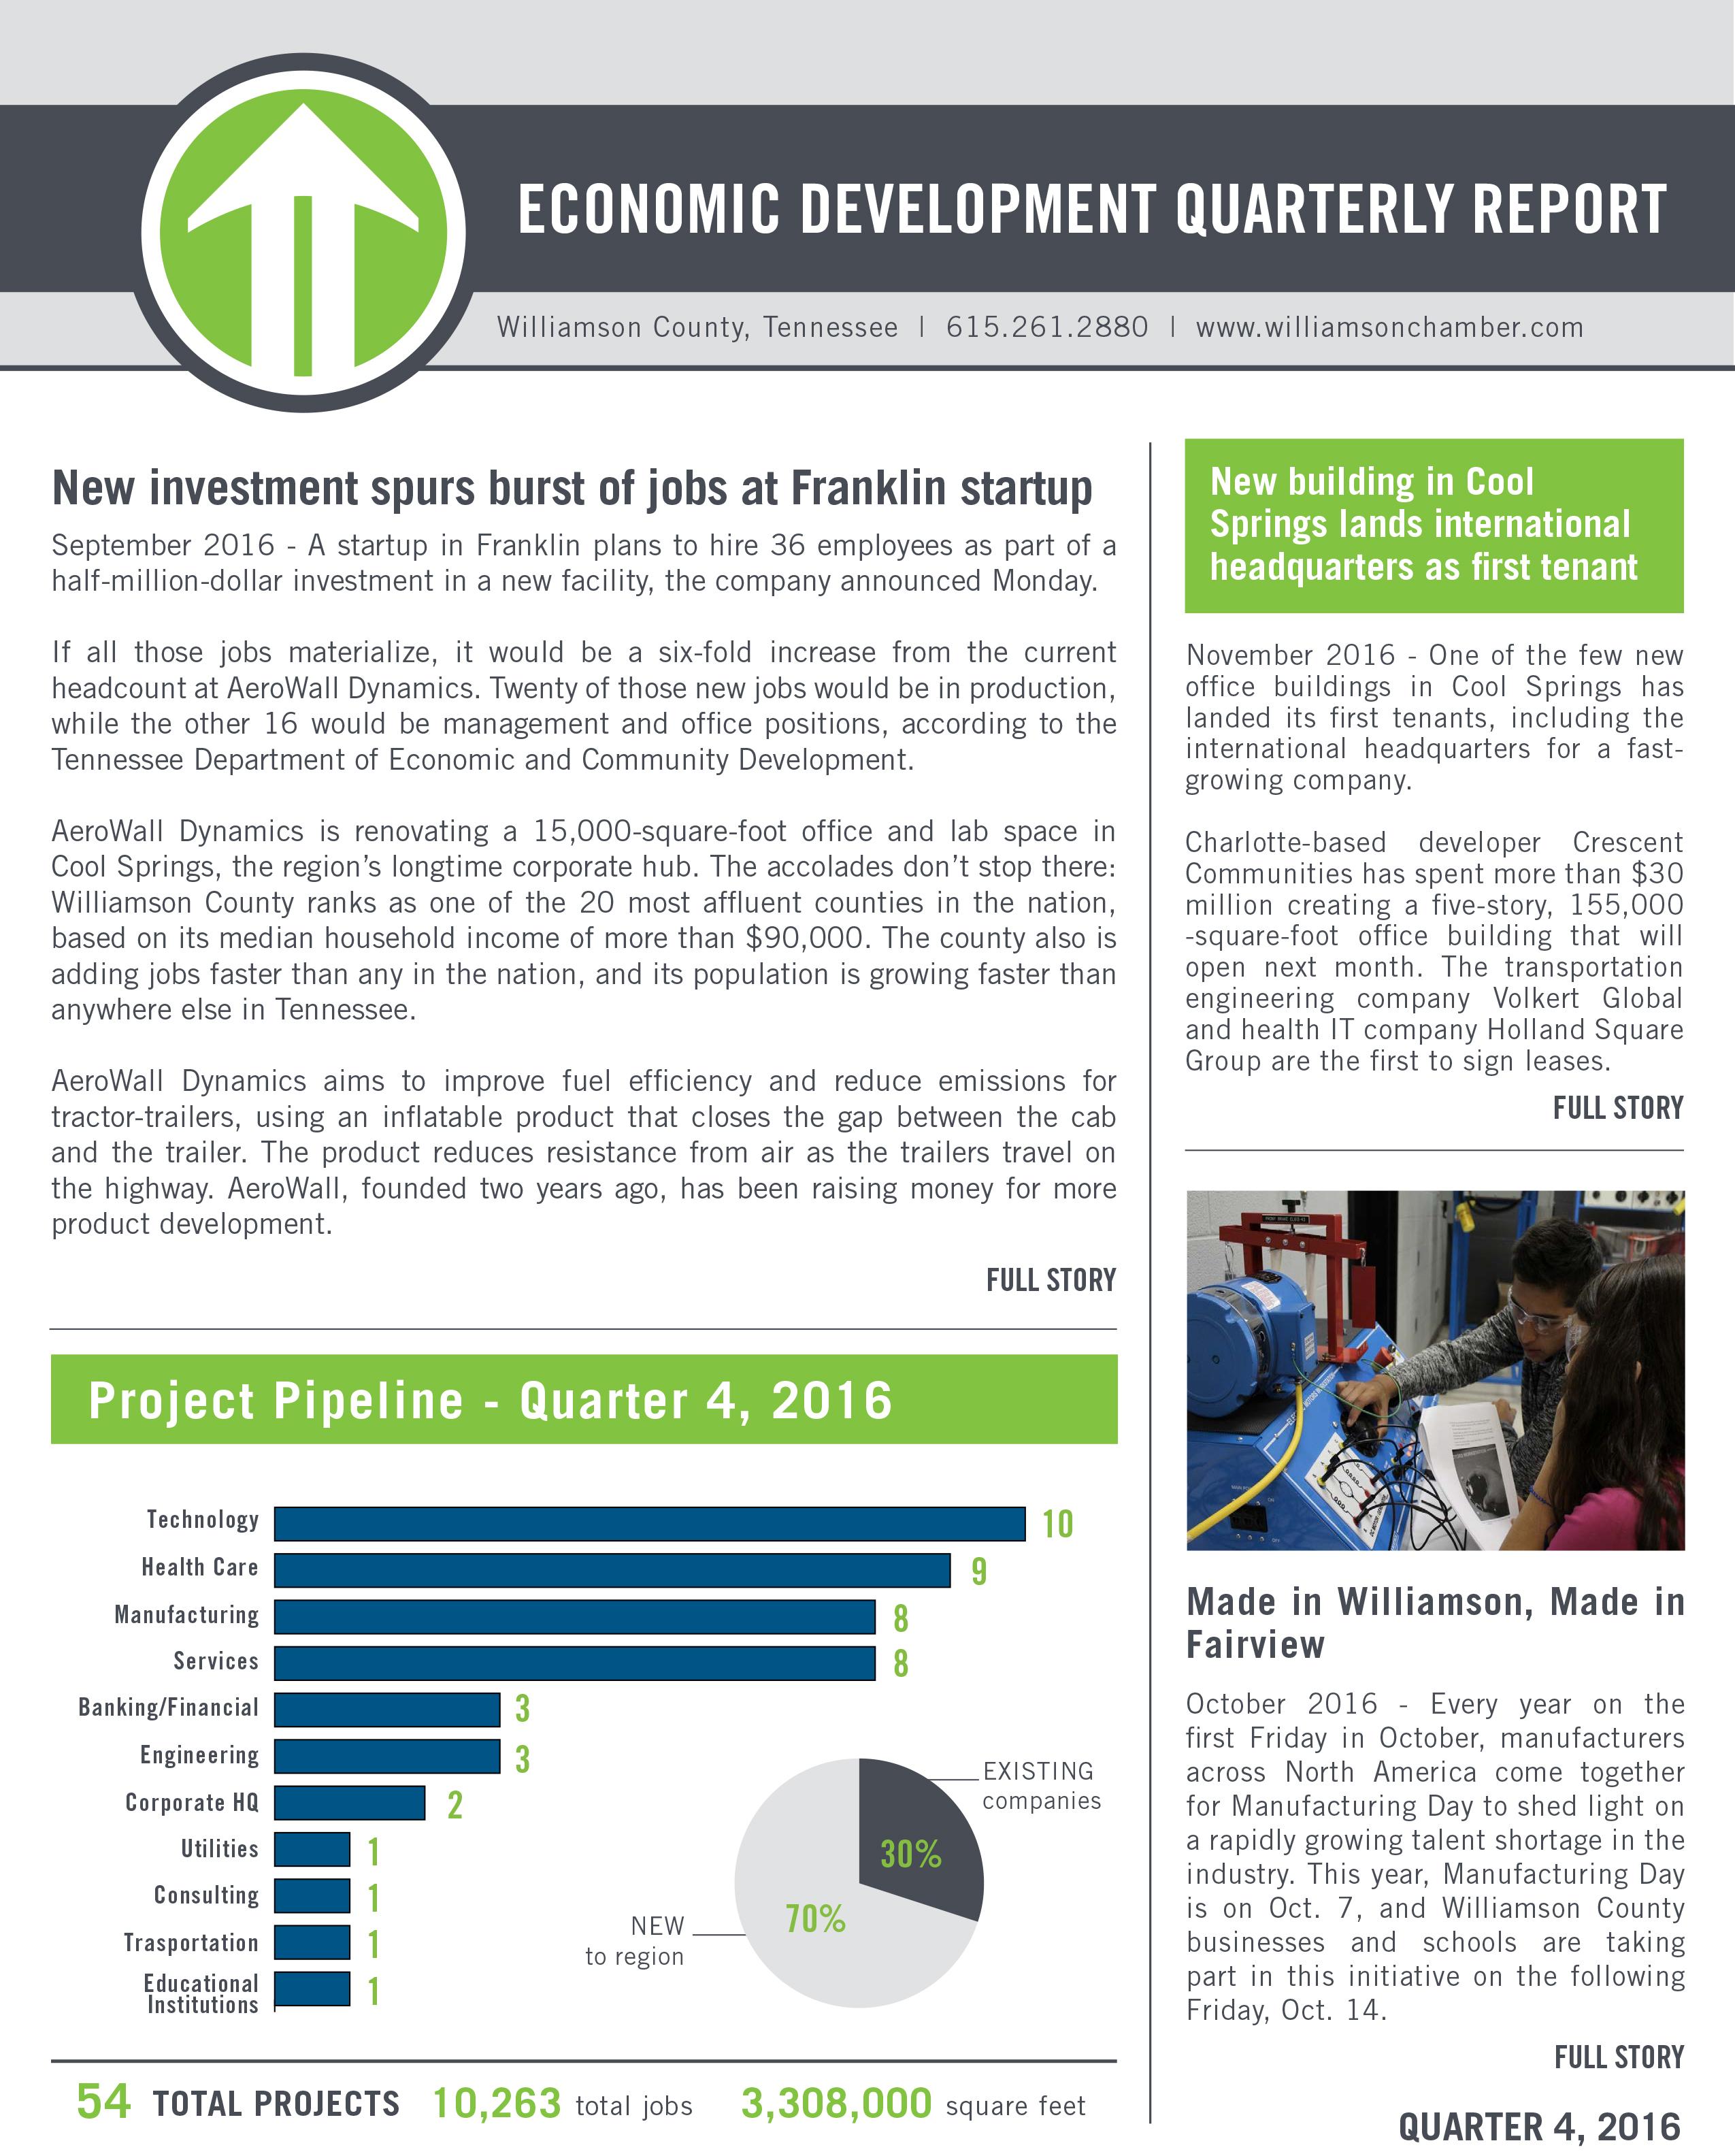 Q4 quarterly report 2016 icon